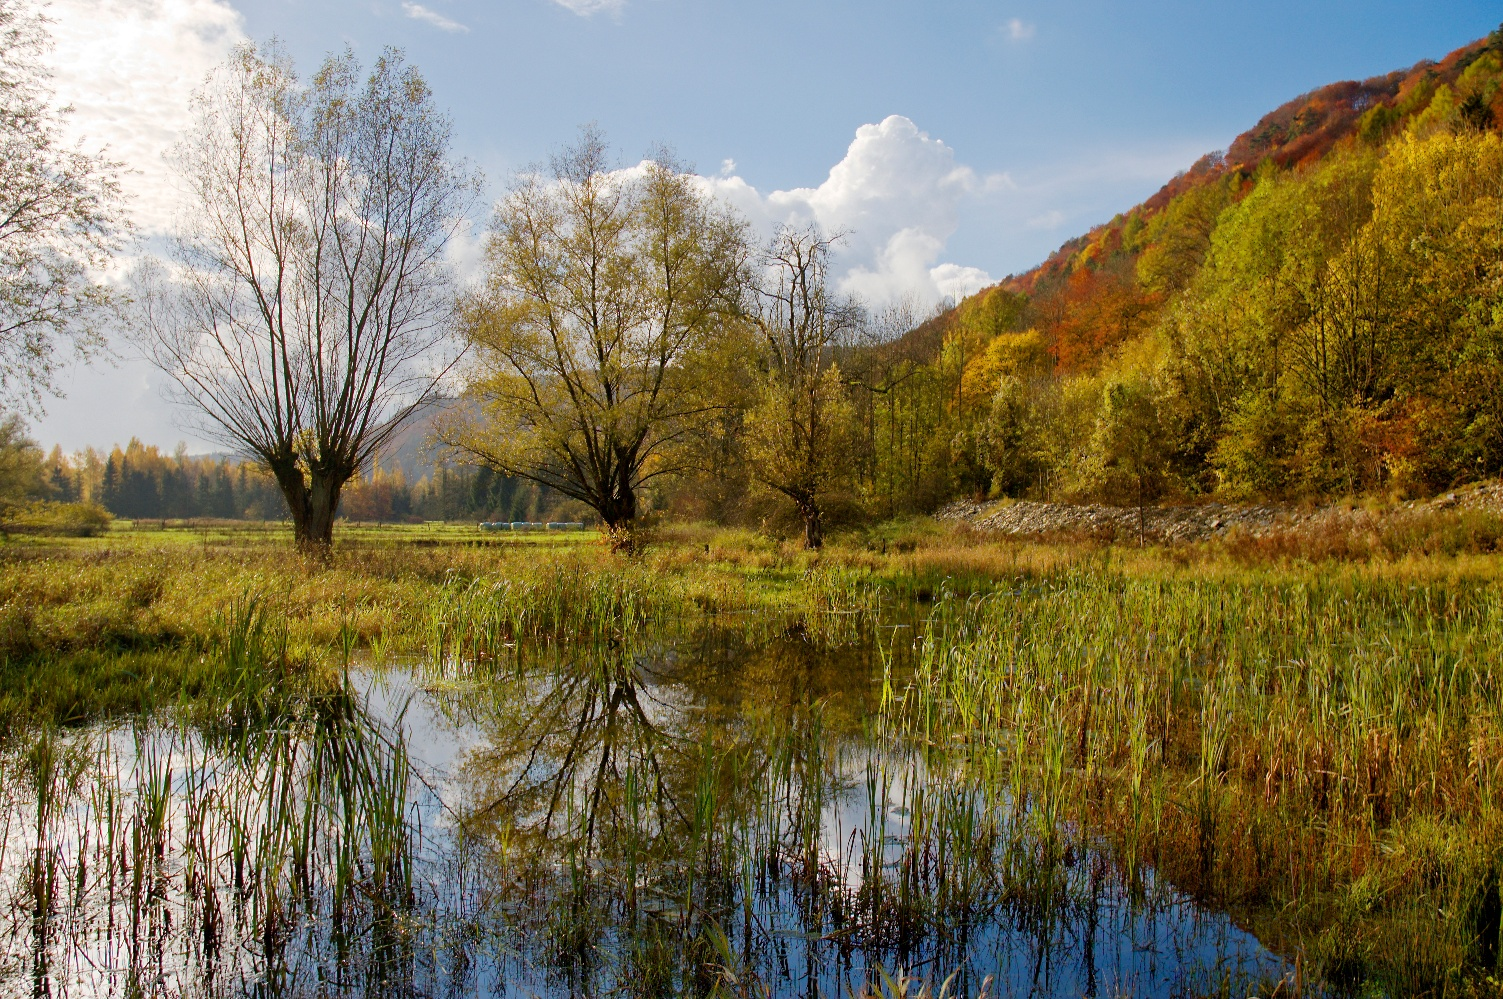 Herbststimmung am Taubenborn